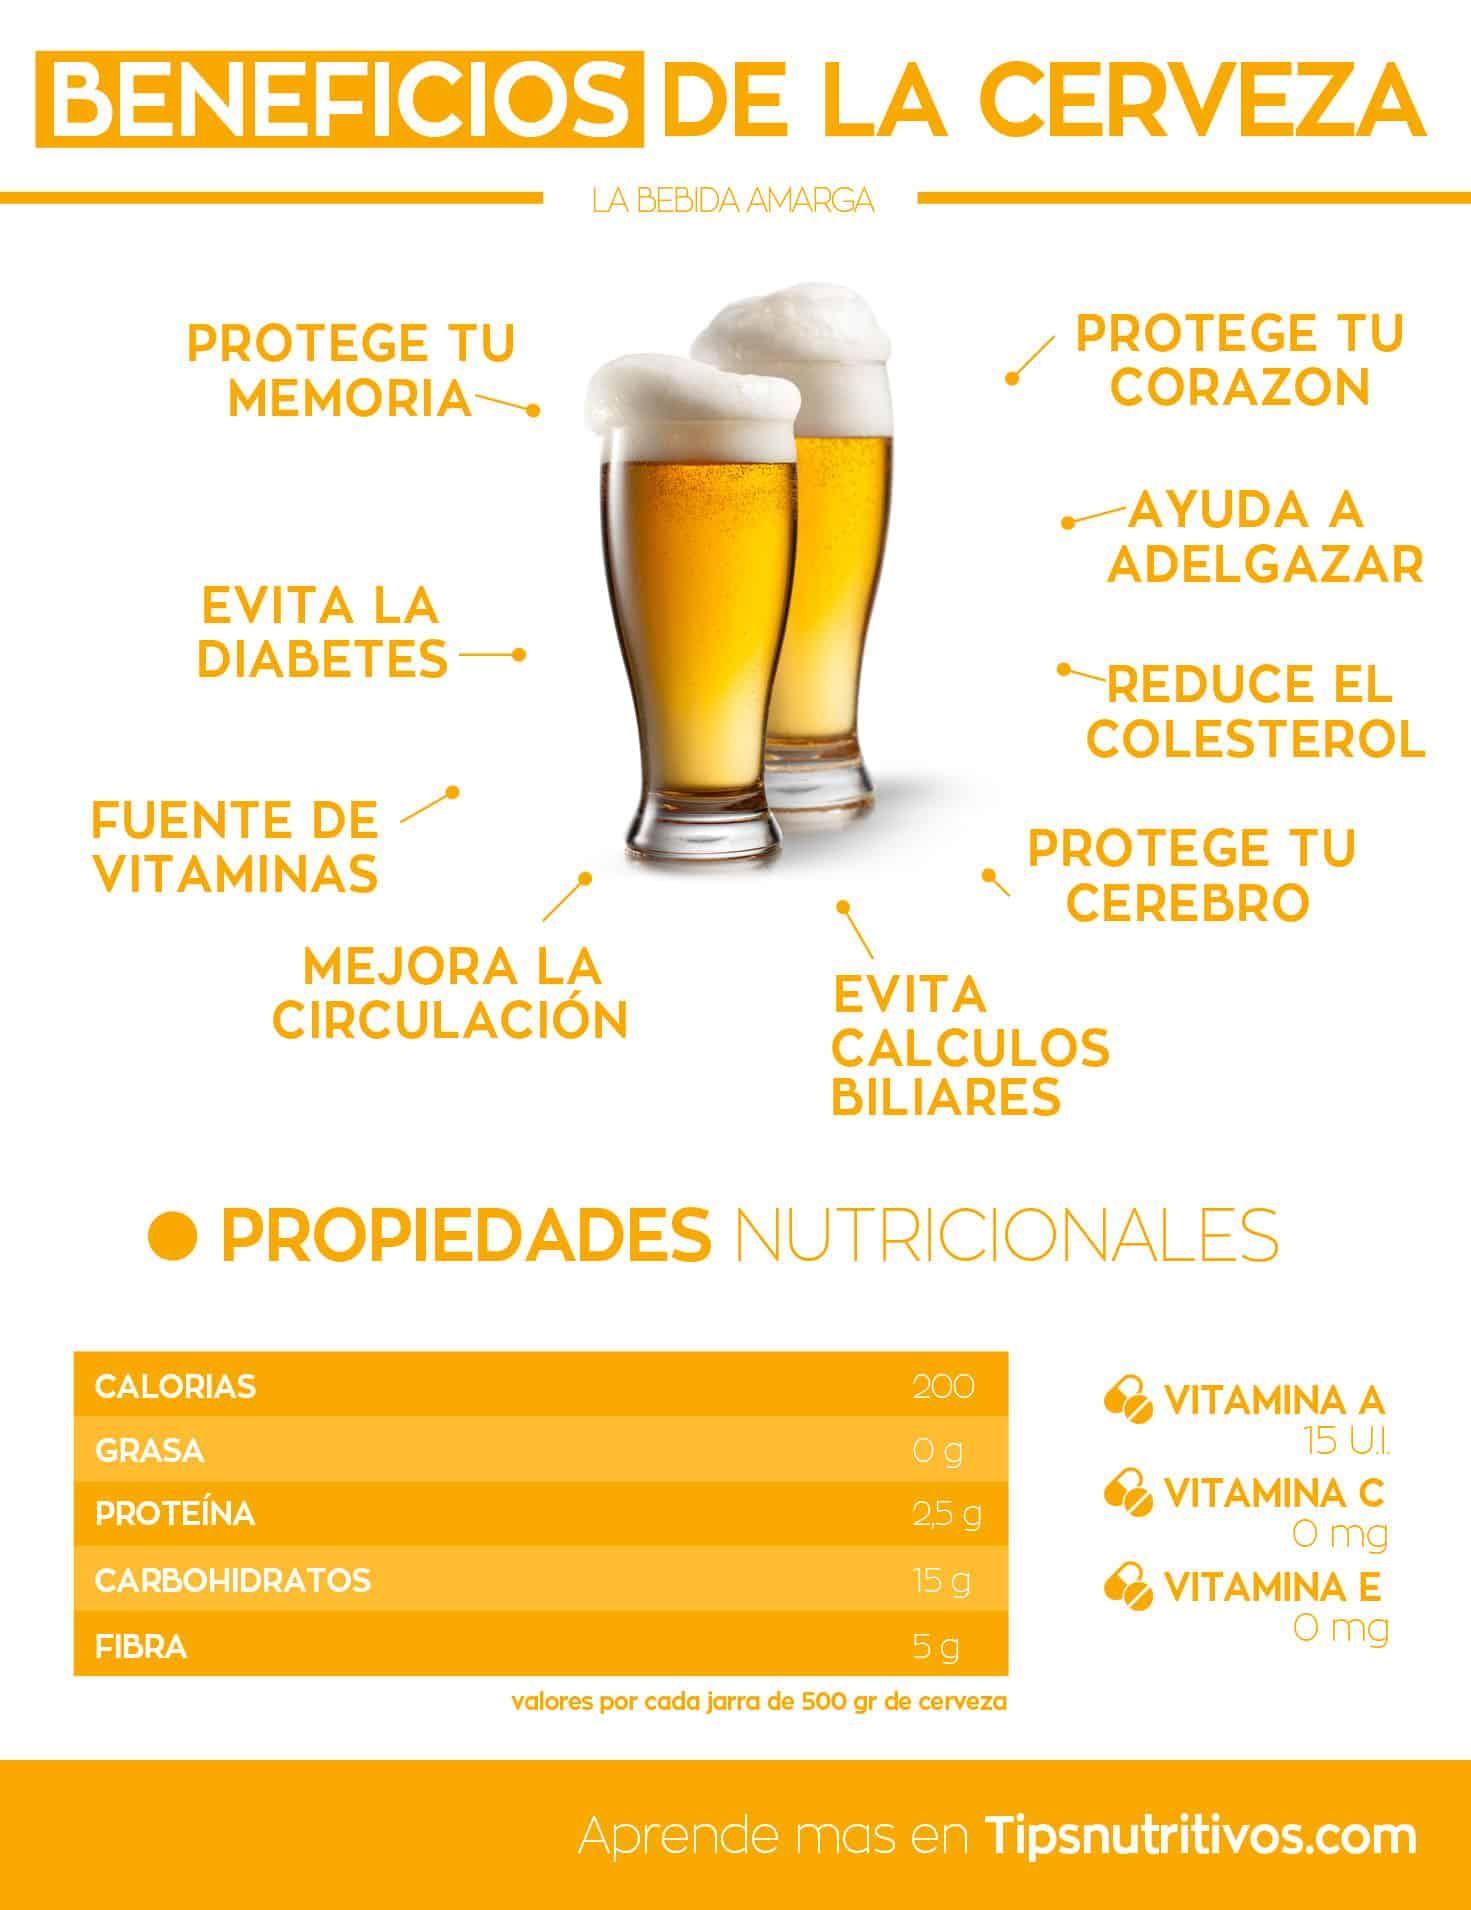 Infografia De Los Beneficios De La Cerveza Cerveza Beneficios Salud Cerveza